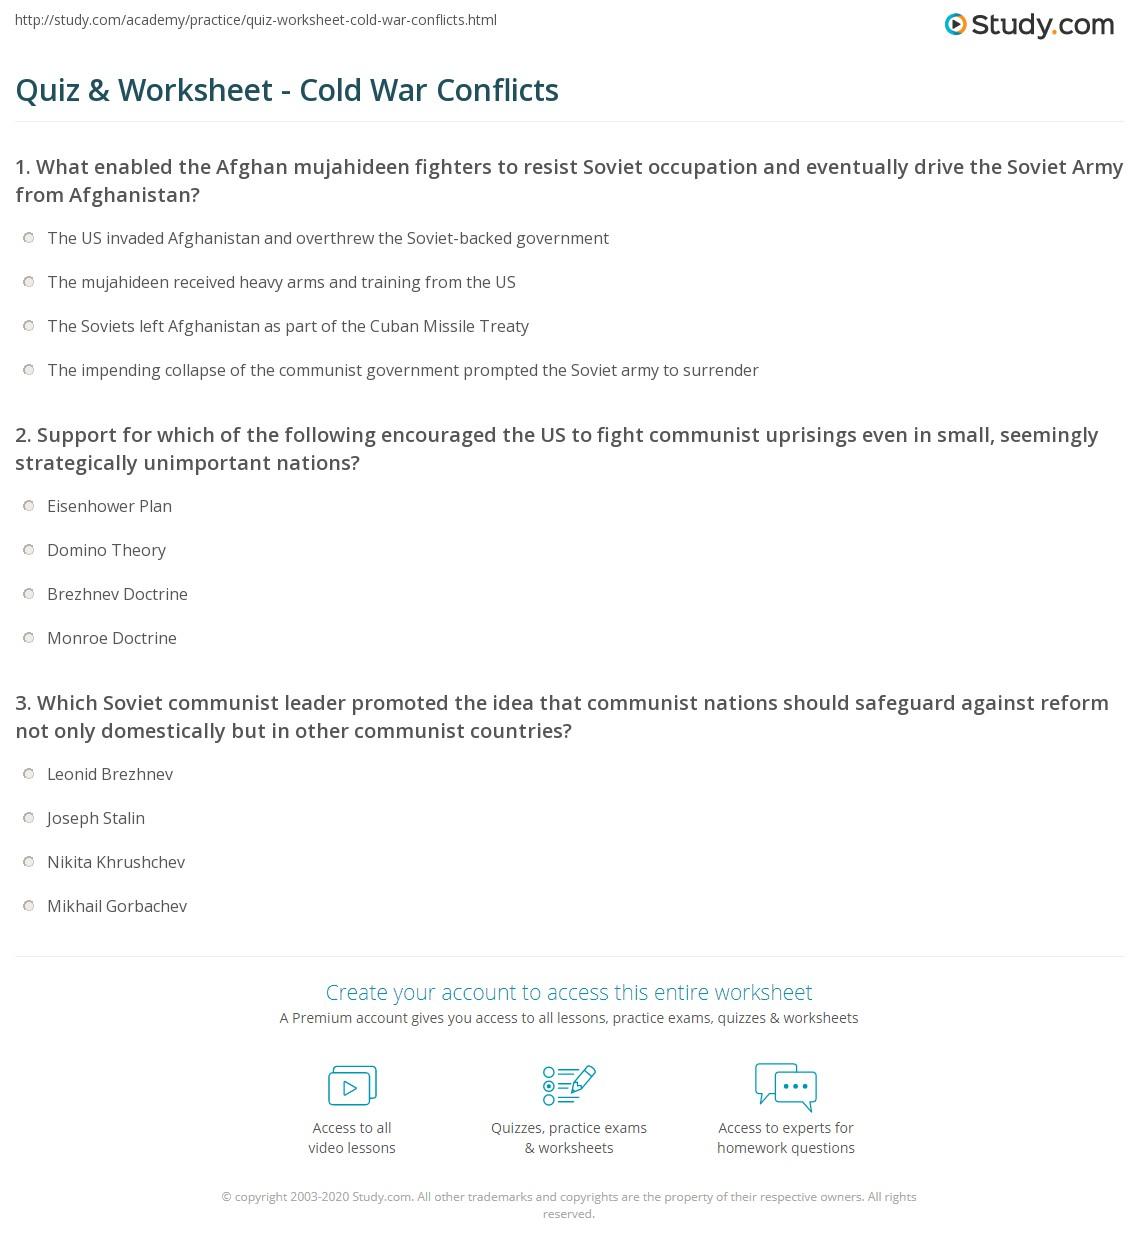 Quiz & Worksheet - Cold War Conflicts | Study.com